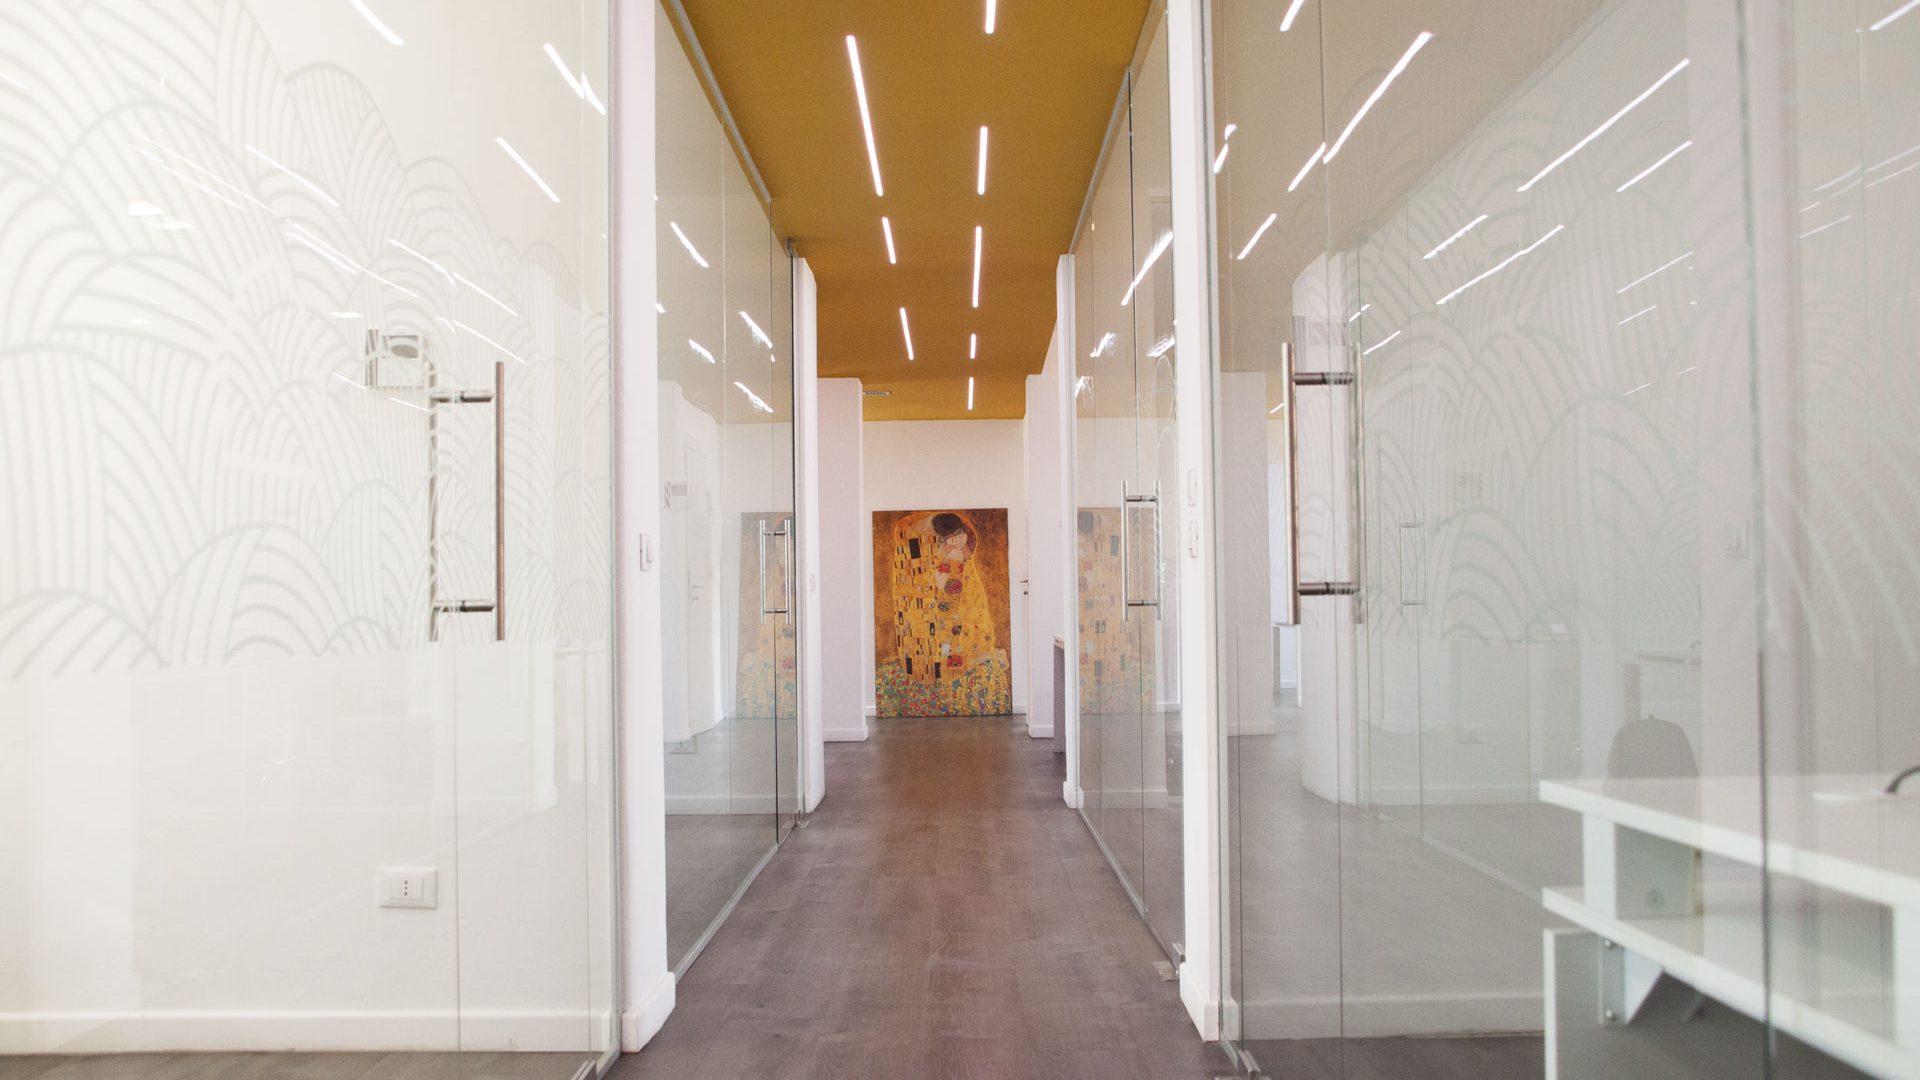 Corridoio dell'ufficio di Invisiblefarm con quadro in fondo